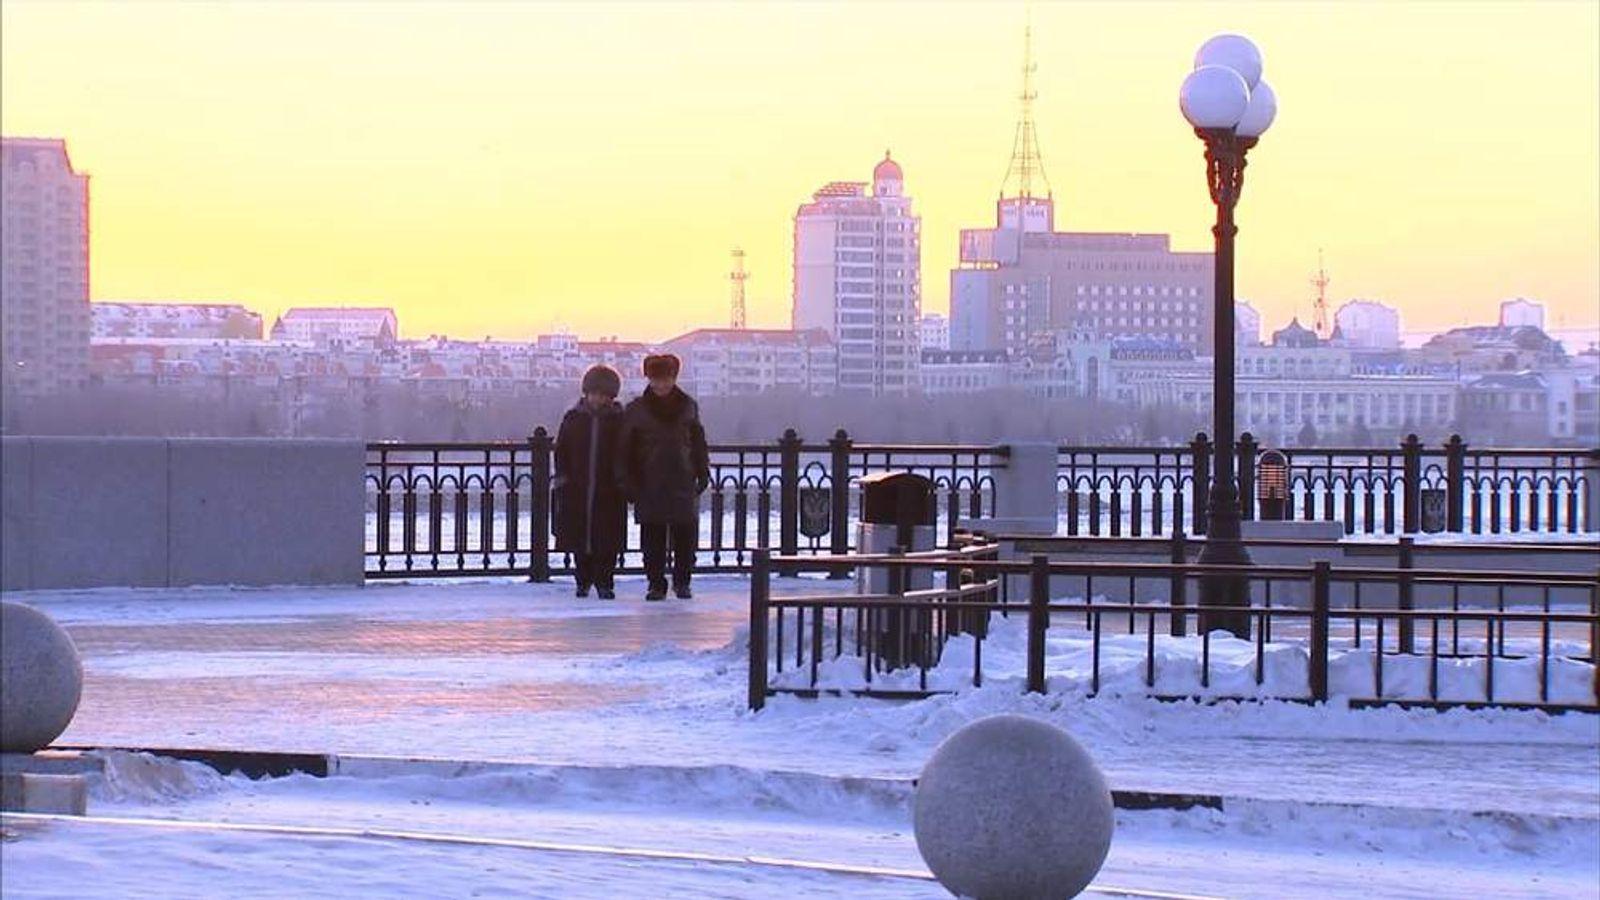 Blagoveshchensk street scene at sunset